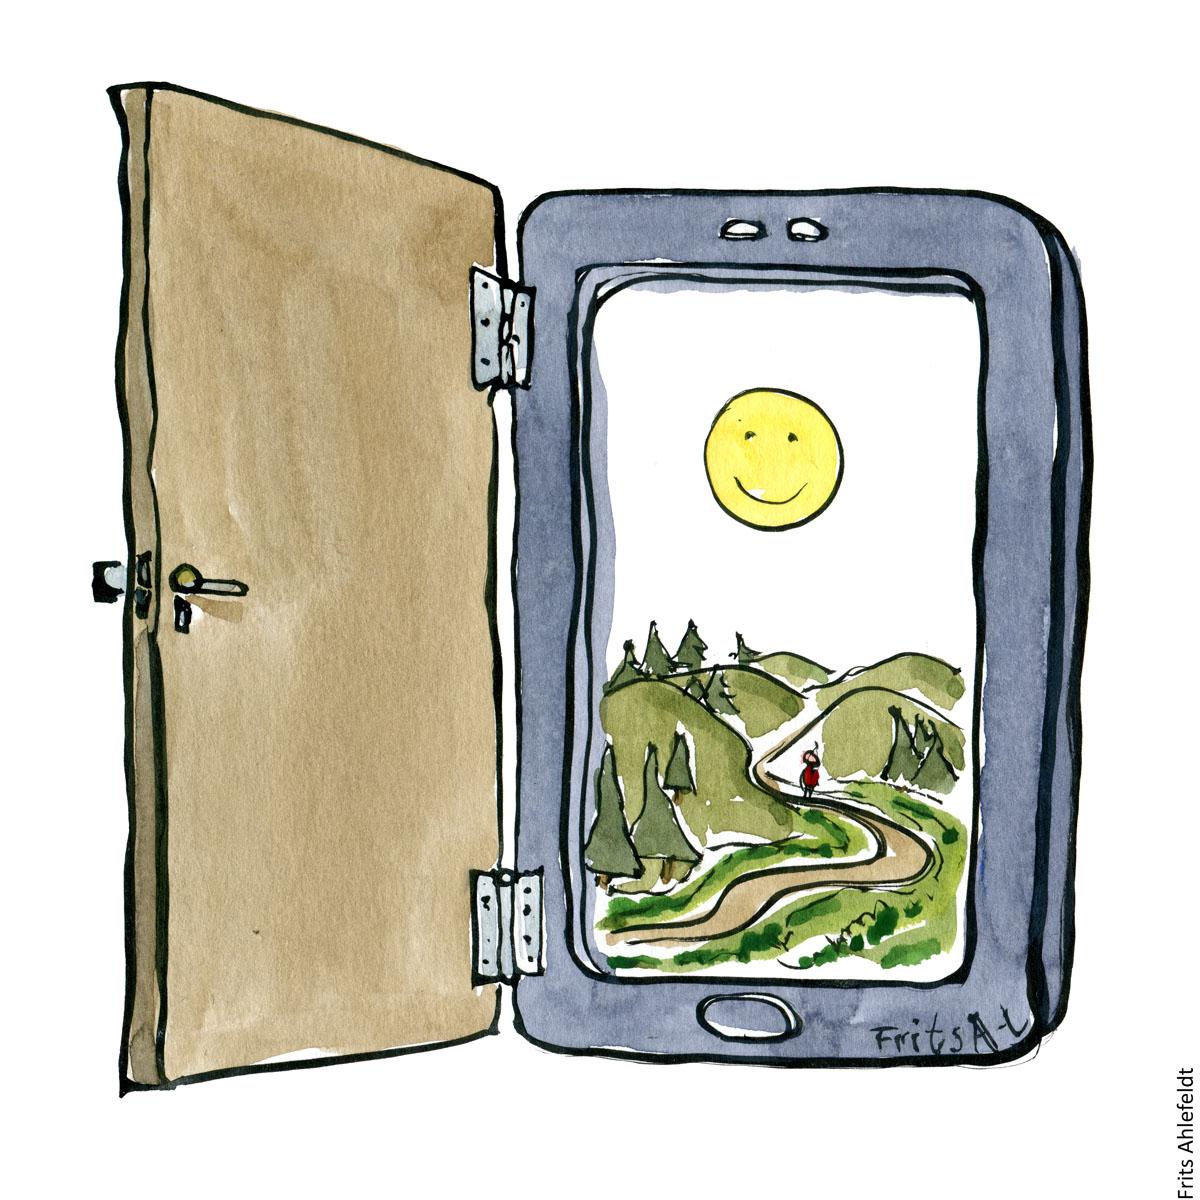 telefon med en sti på skærmen- Tegning af Frits Ahlefeldt